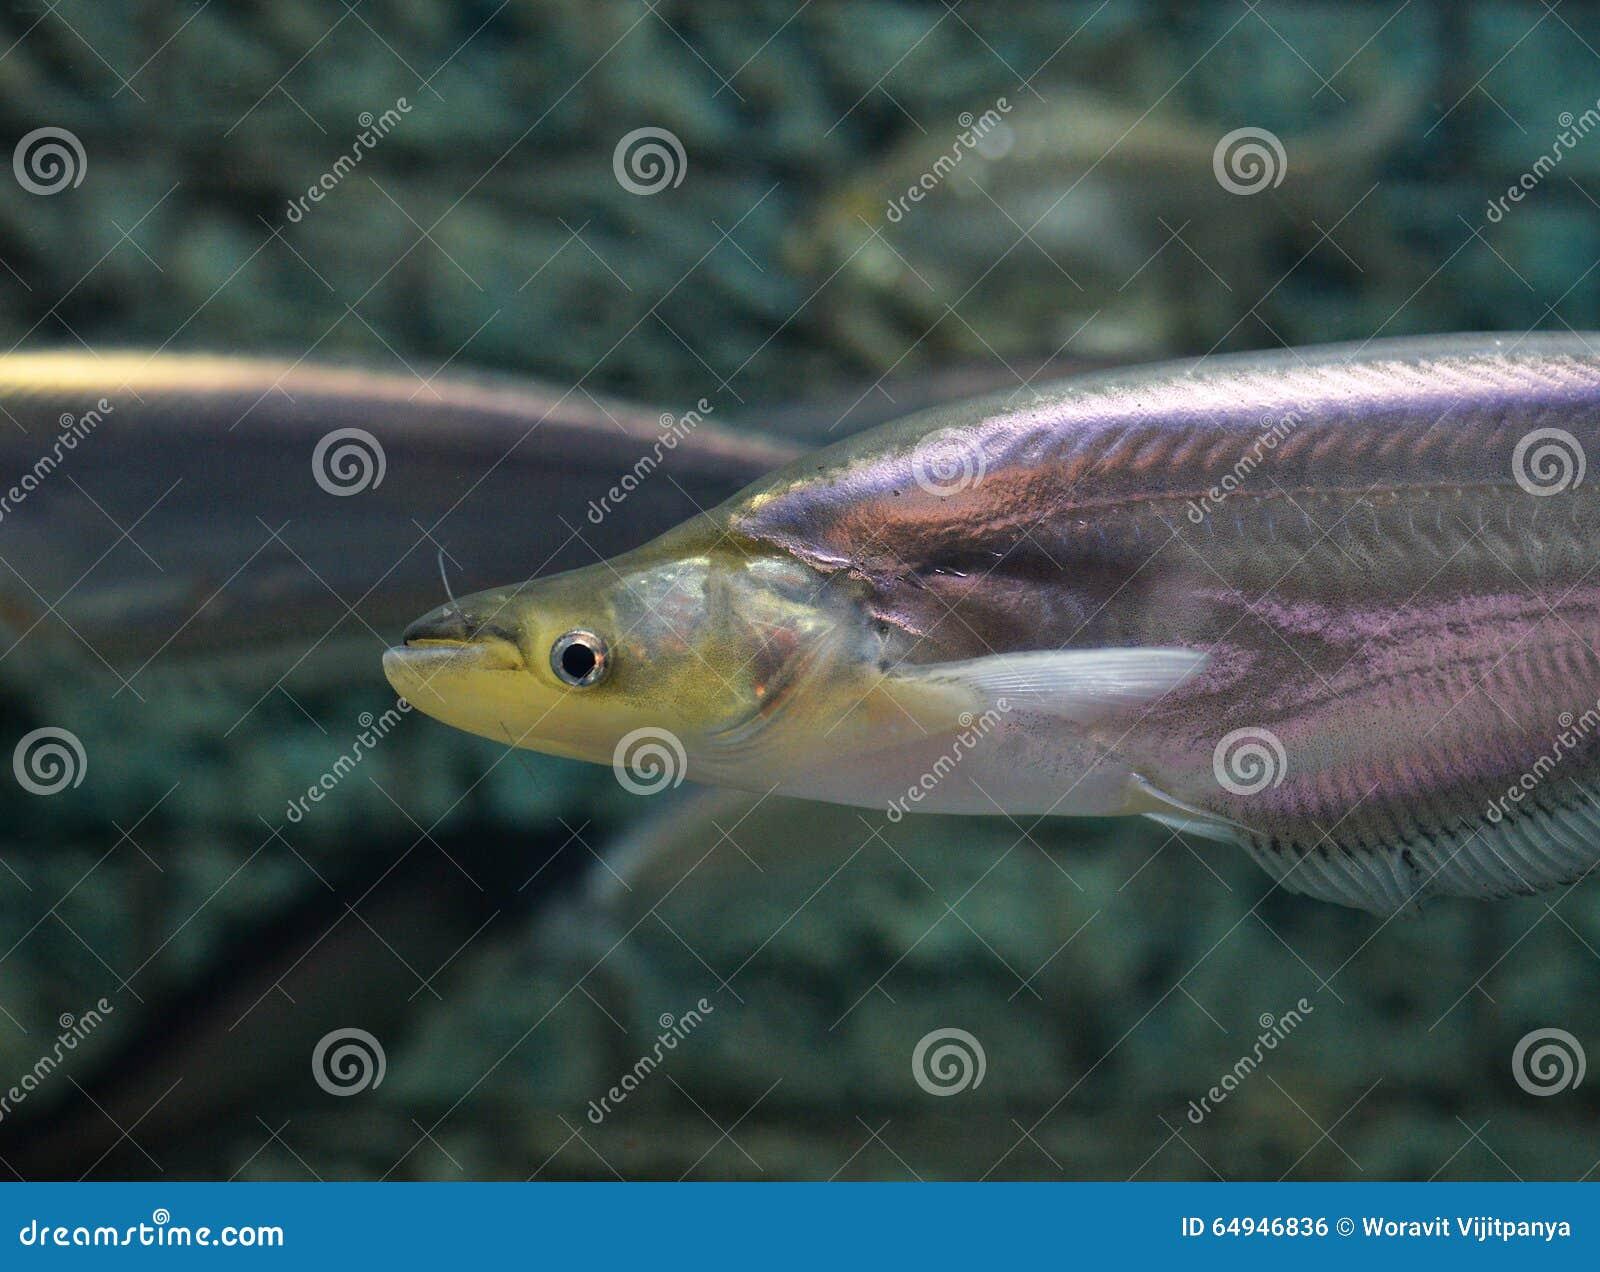 Whisker Sheatfish Stock Photo - Image: 64946836